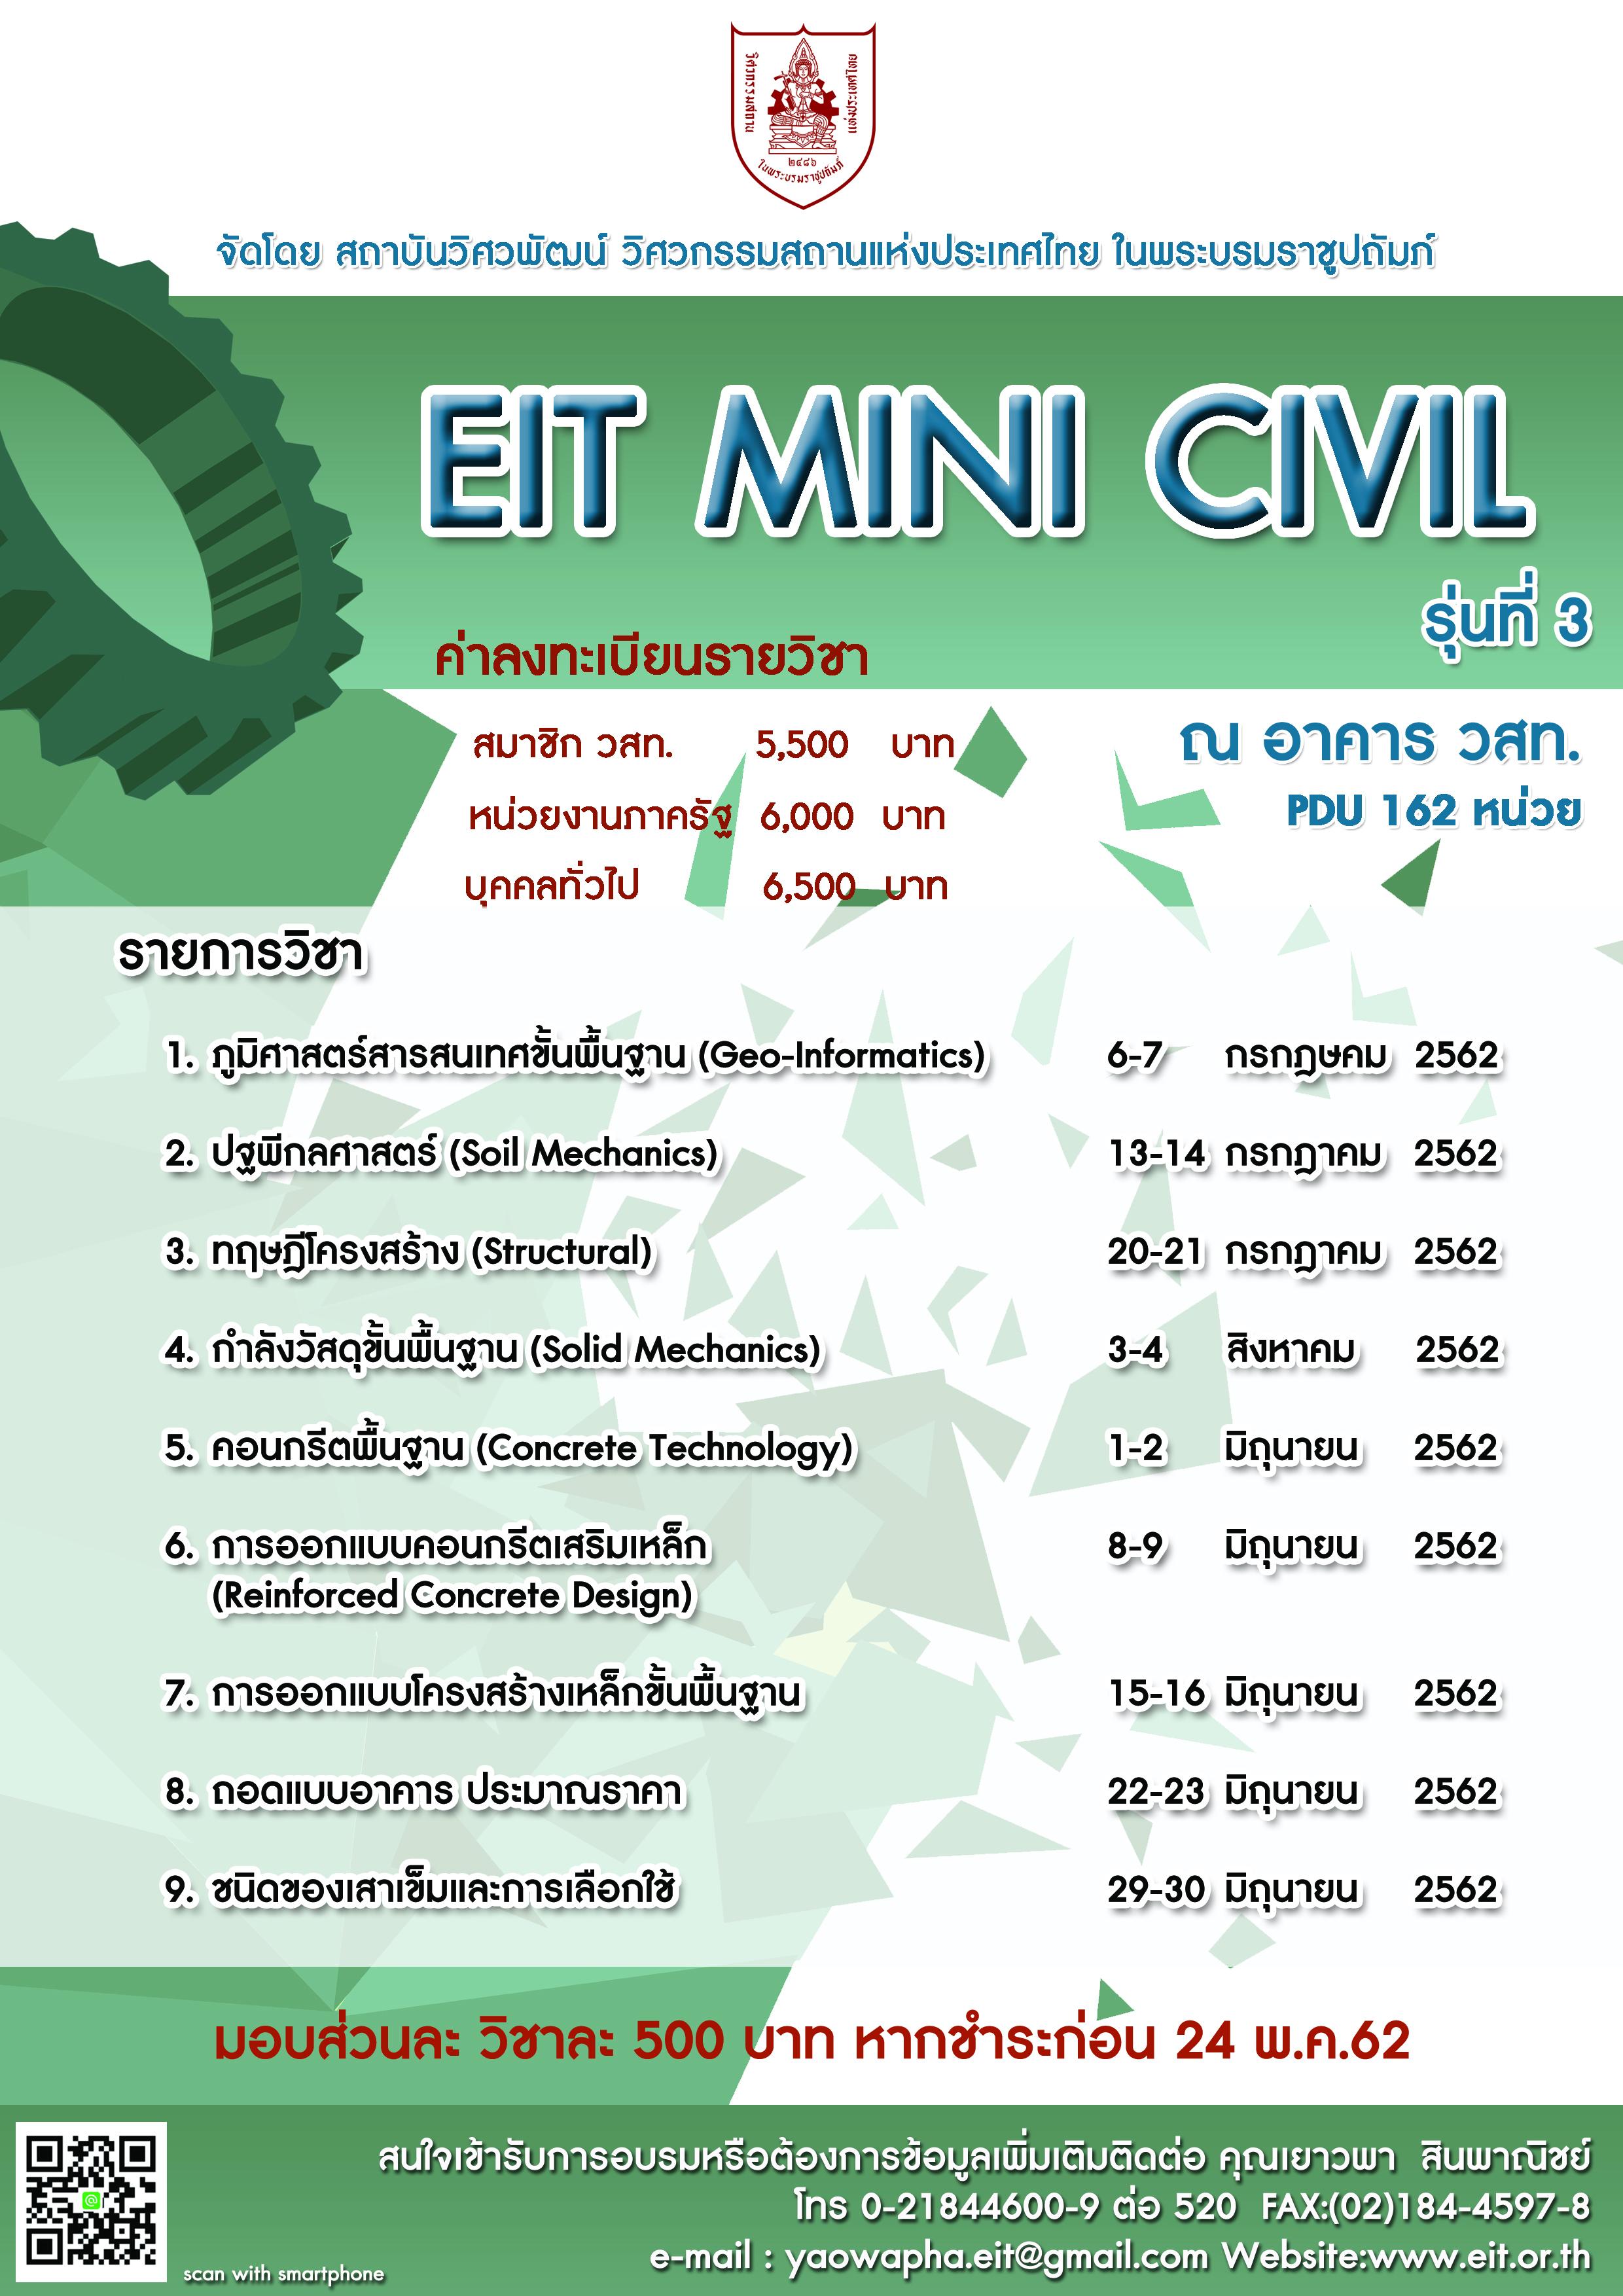 1-2/06/62 การอบรมหลักสูตร EIT Mini Civil รุ่นที่ 3 วิชาที่ 5 คอนกรีตพื้นฐาน (Concrete Technology)